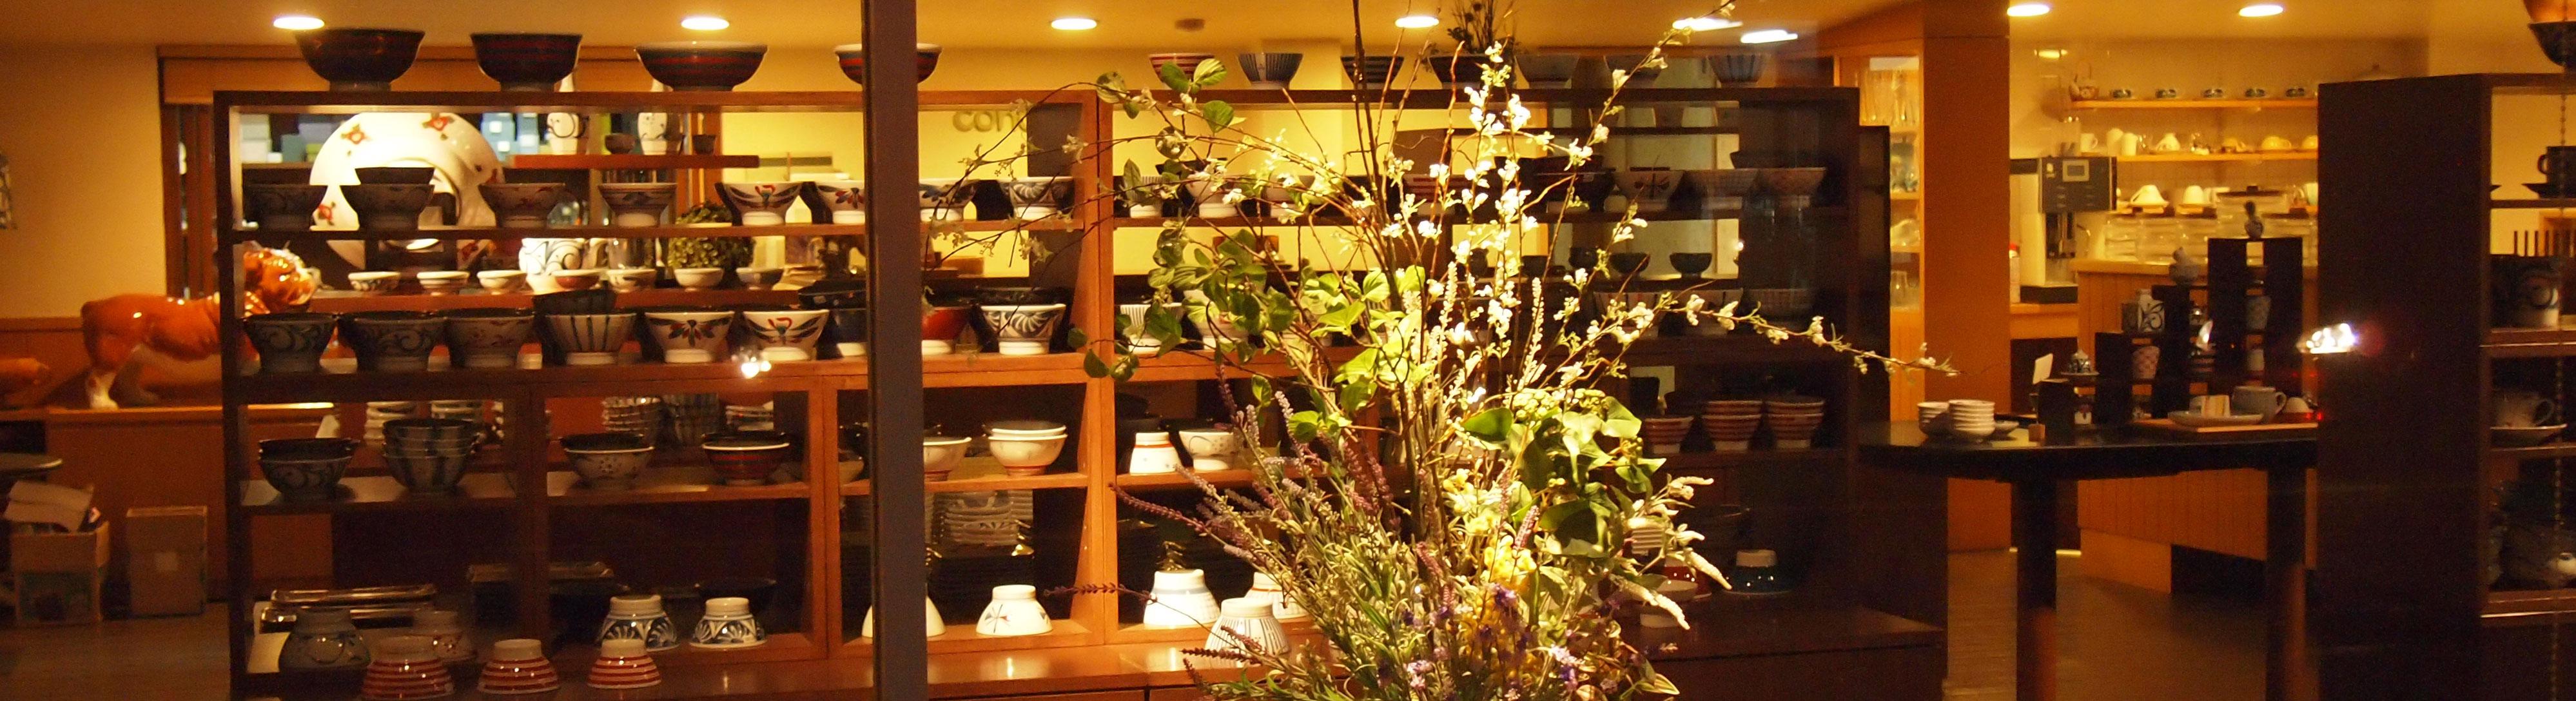 浜陶 |食器、陶器、業務用販売、砥部焼